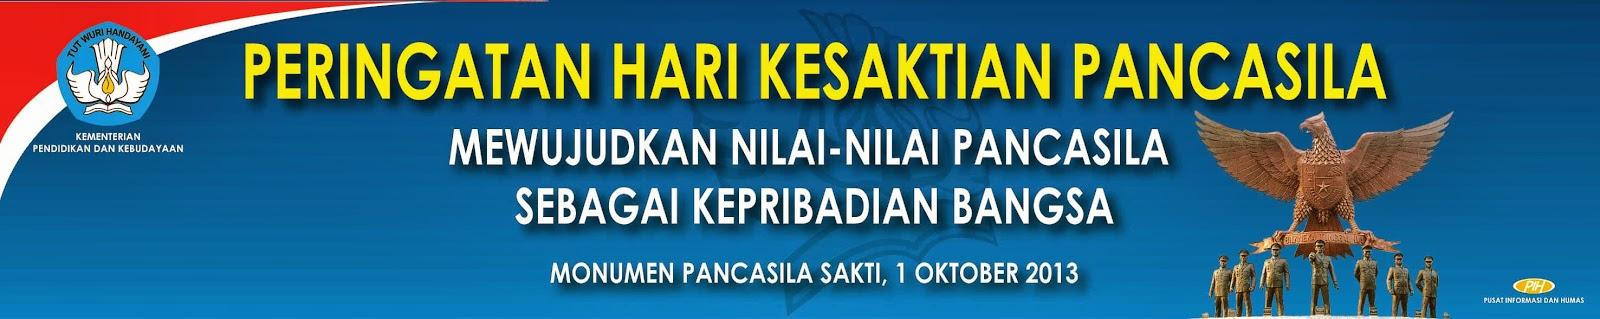 Sambutan Mendikbud Dalam Peringatan Hari Kesaktian Pancasila 1 Oktober